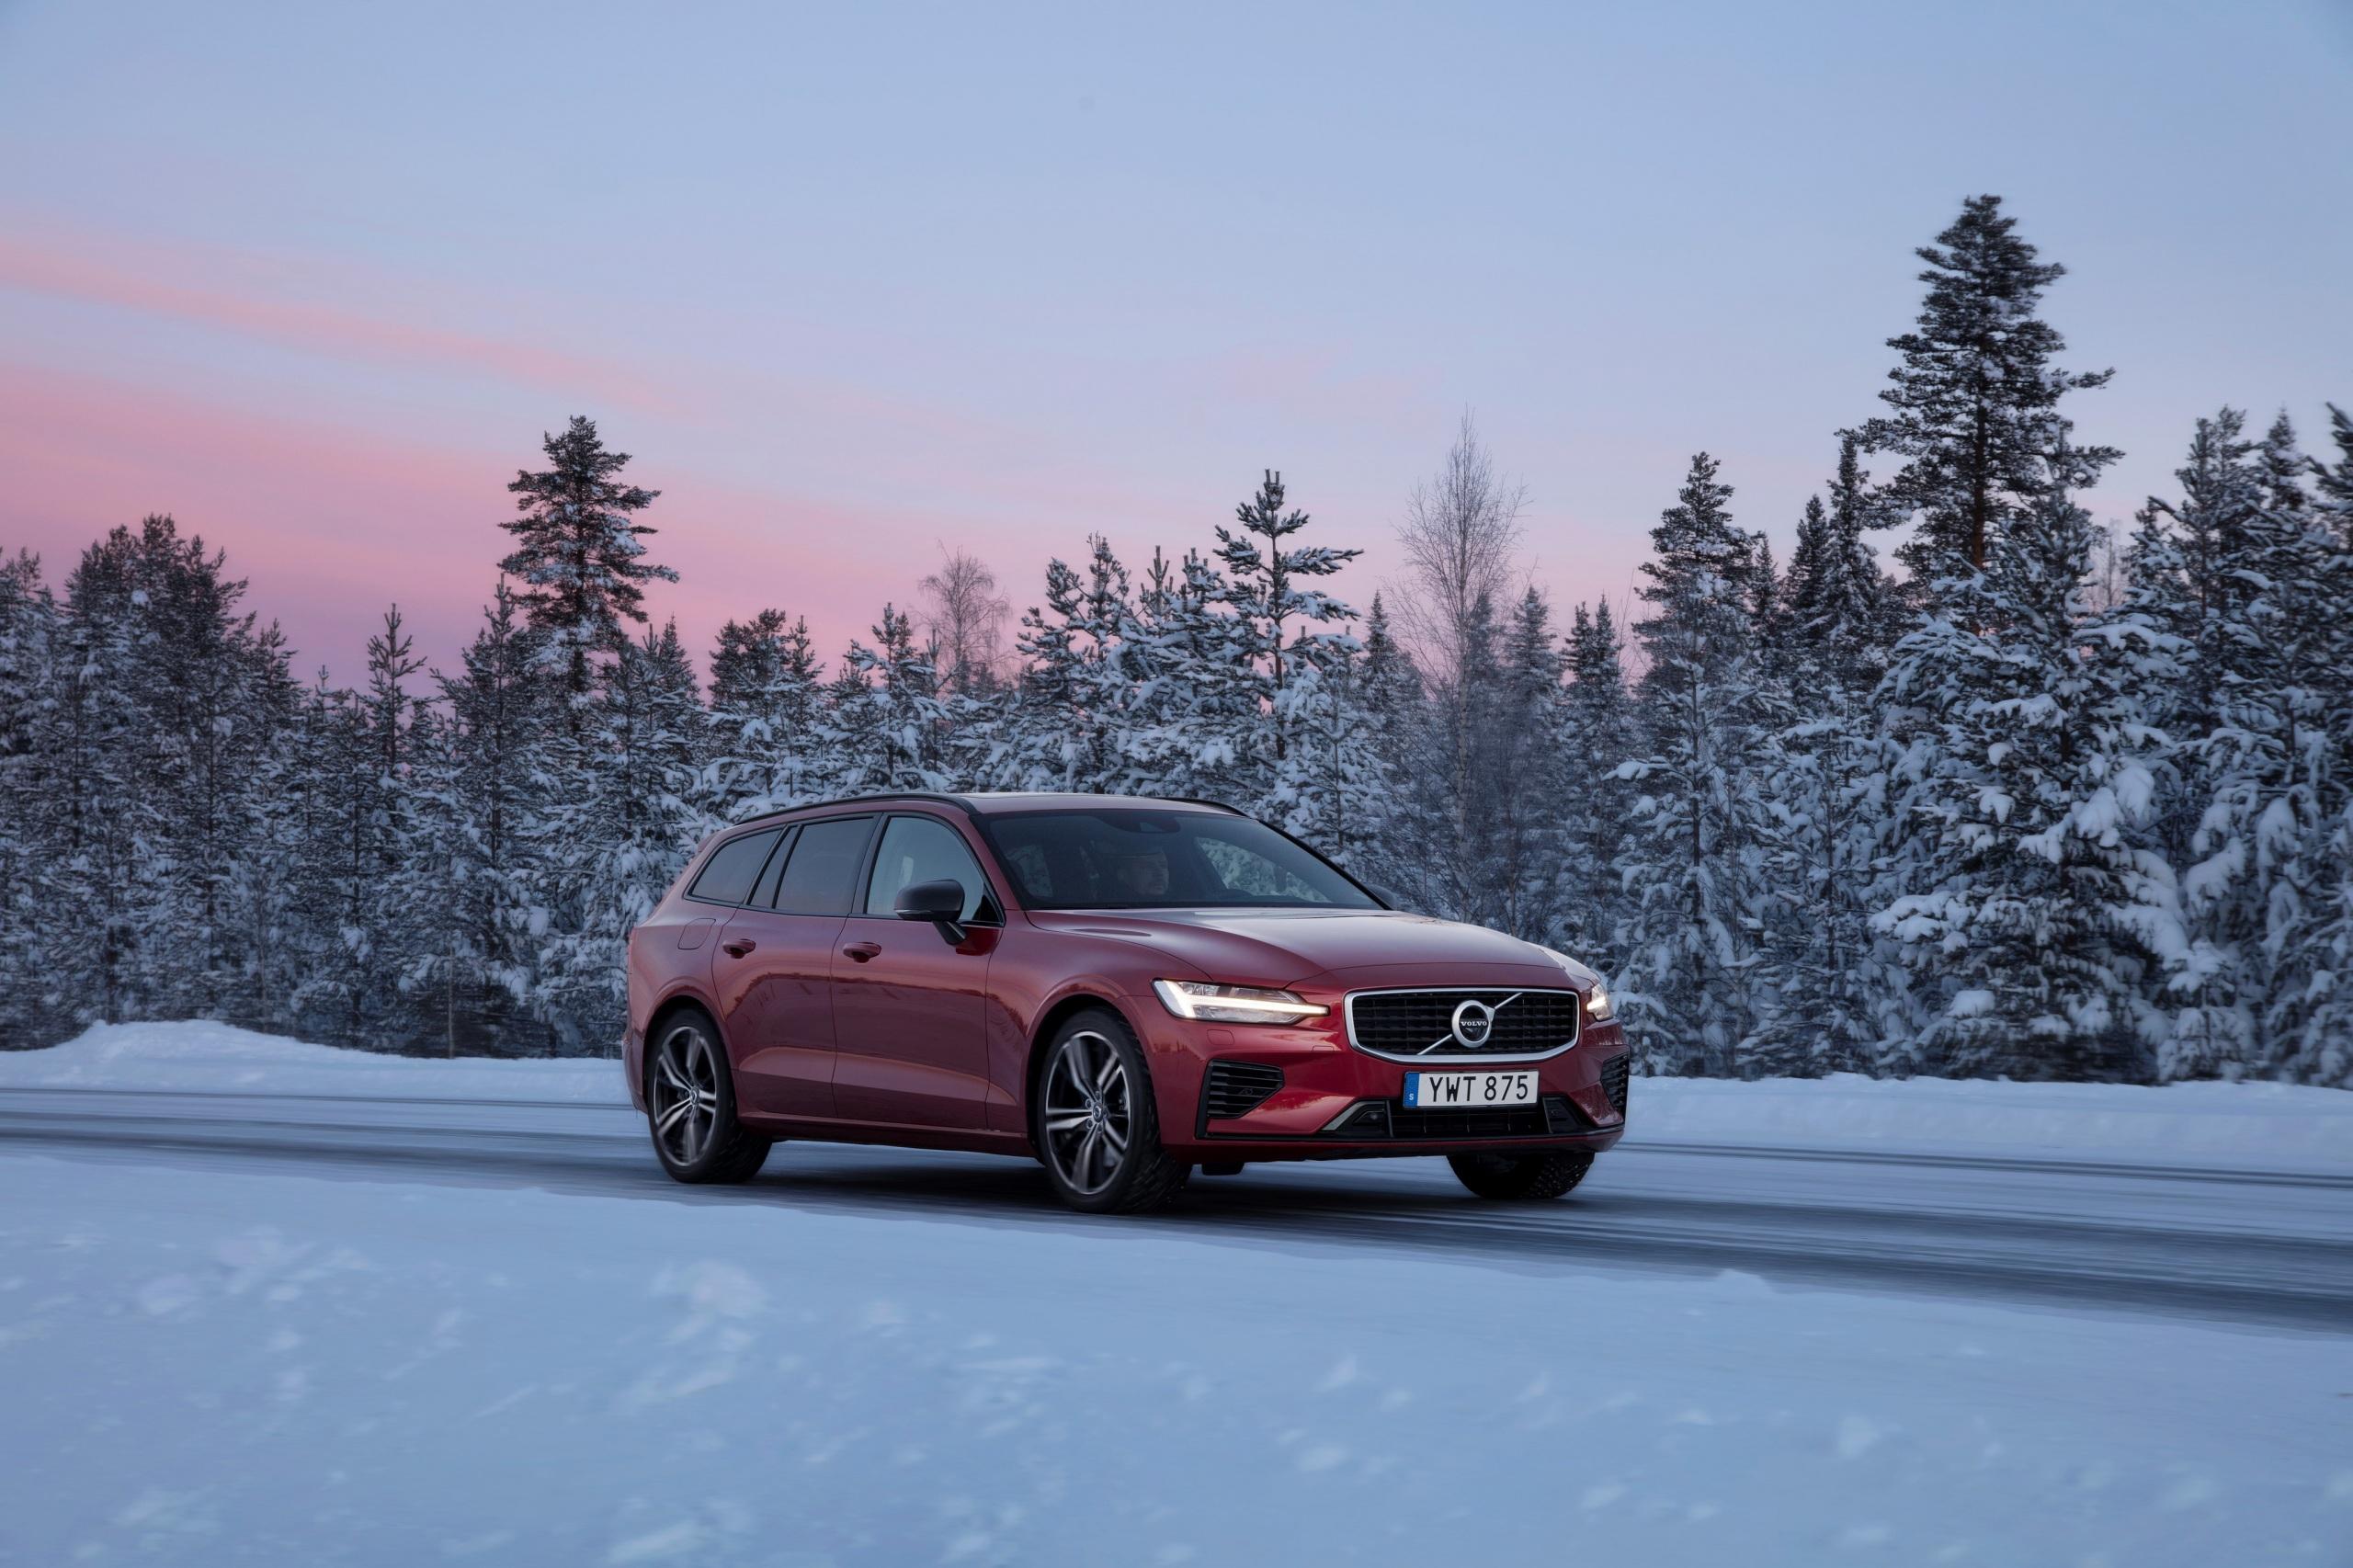 Картинки Вольво 2018-19 V60 T8 R-Design Worldwide бордовые авто Металлик 2560x1706 Volvo бордовая Бордовый темно красный машина машины автомобиль Автомобили